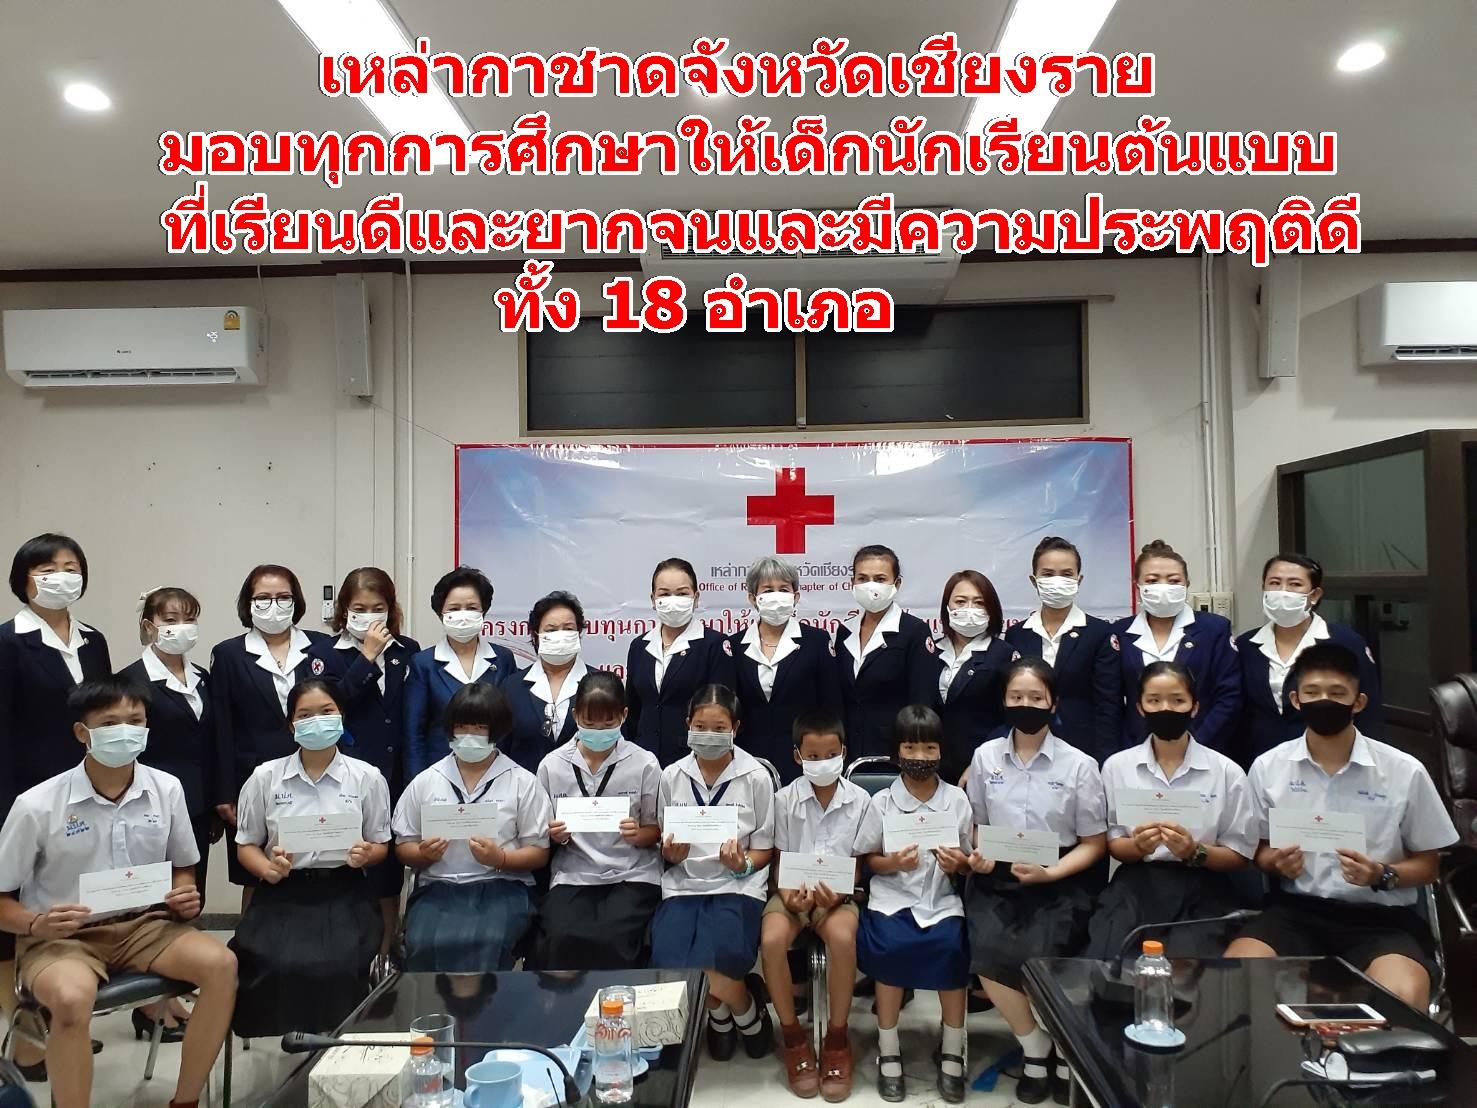 นายกเหล่ากาชาด จ.เชียงราย มอบทุนการศึกษาให้แก่เด็กนักเรียนต้นแบบ ประจำปี 2563 (ชมคลิป)